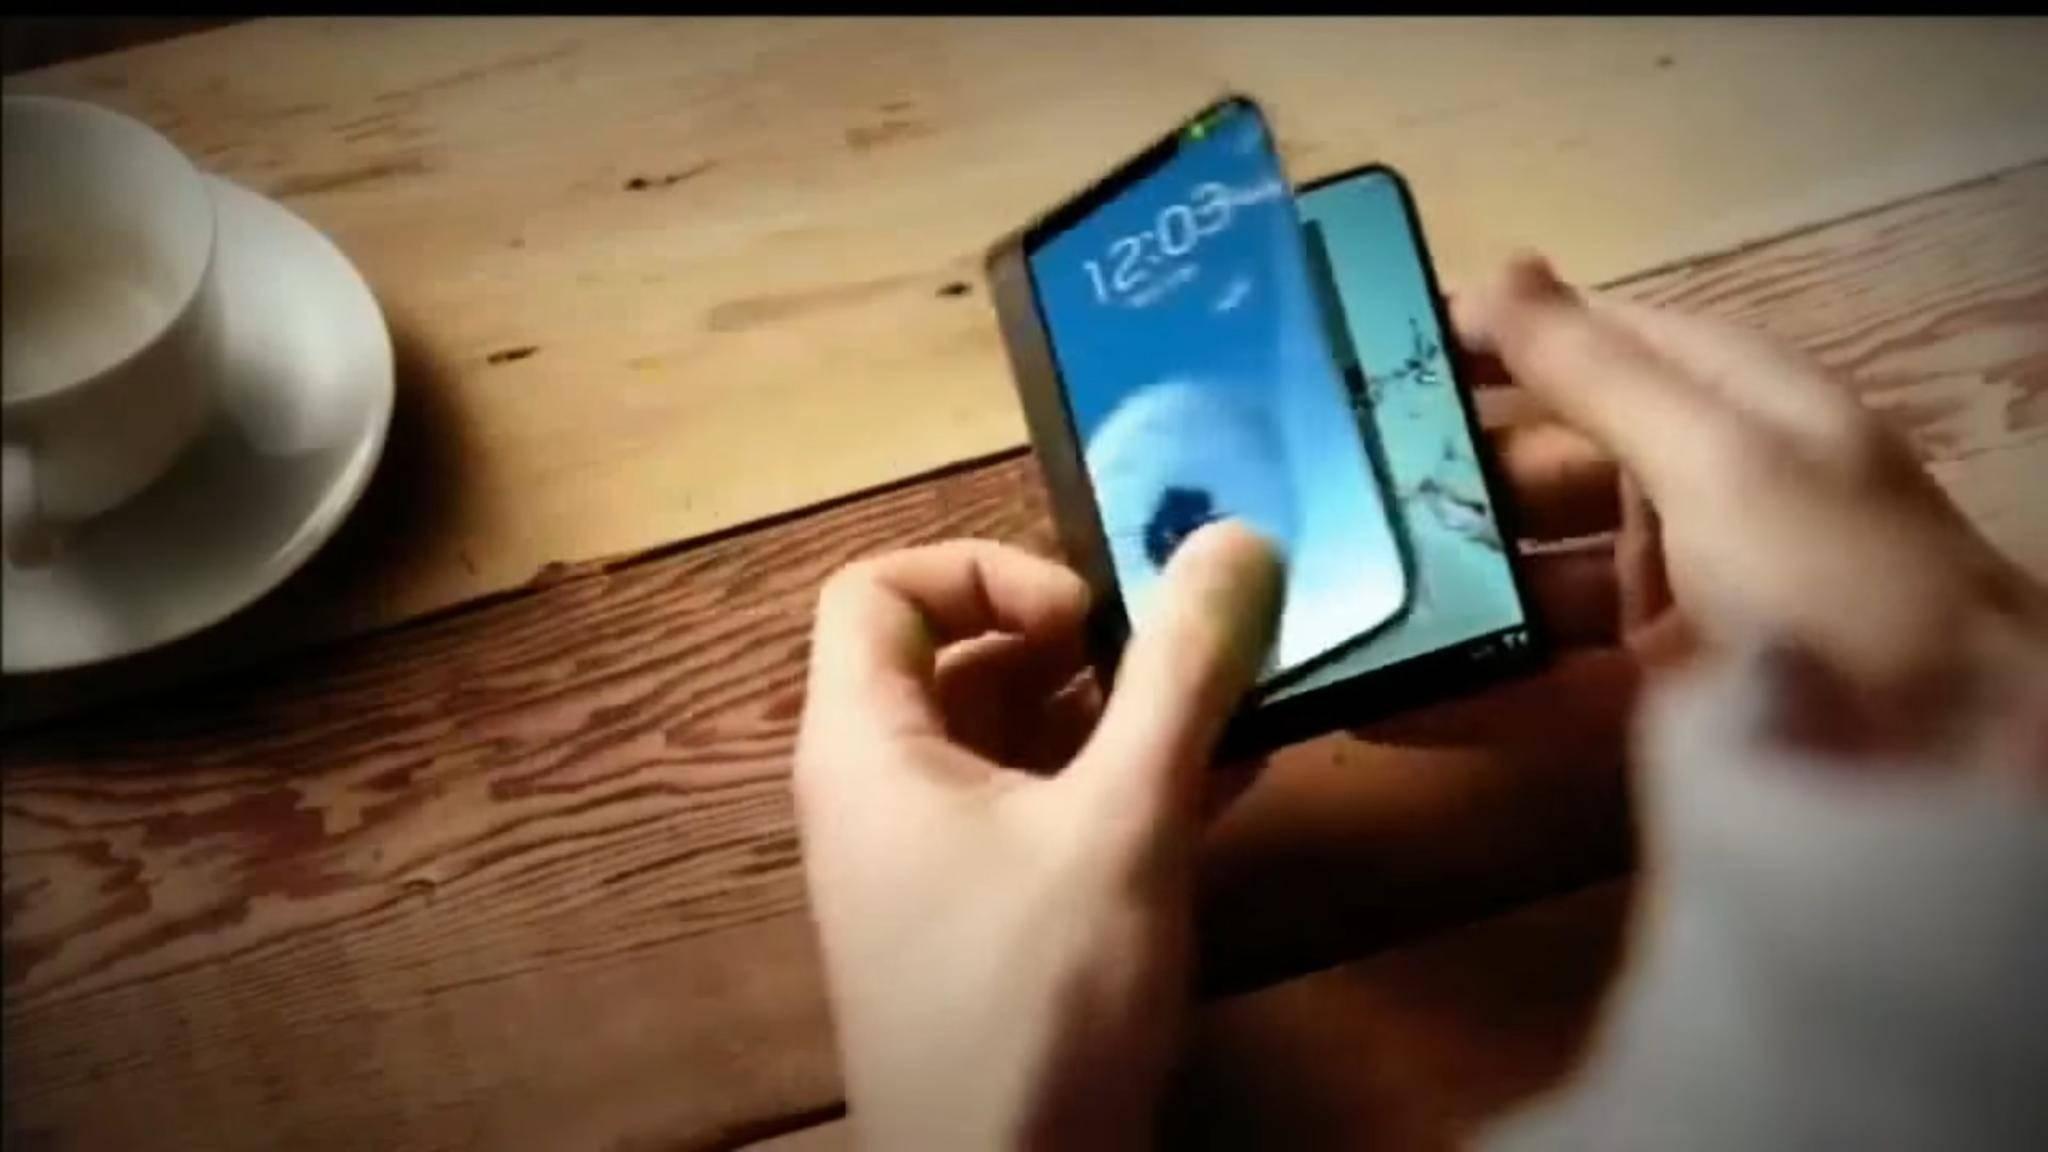 So viel besser wäre ein faltbares Smartphone im Vergleich zu einem herkömmlichen nicht – eher im Gegenteil.